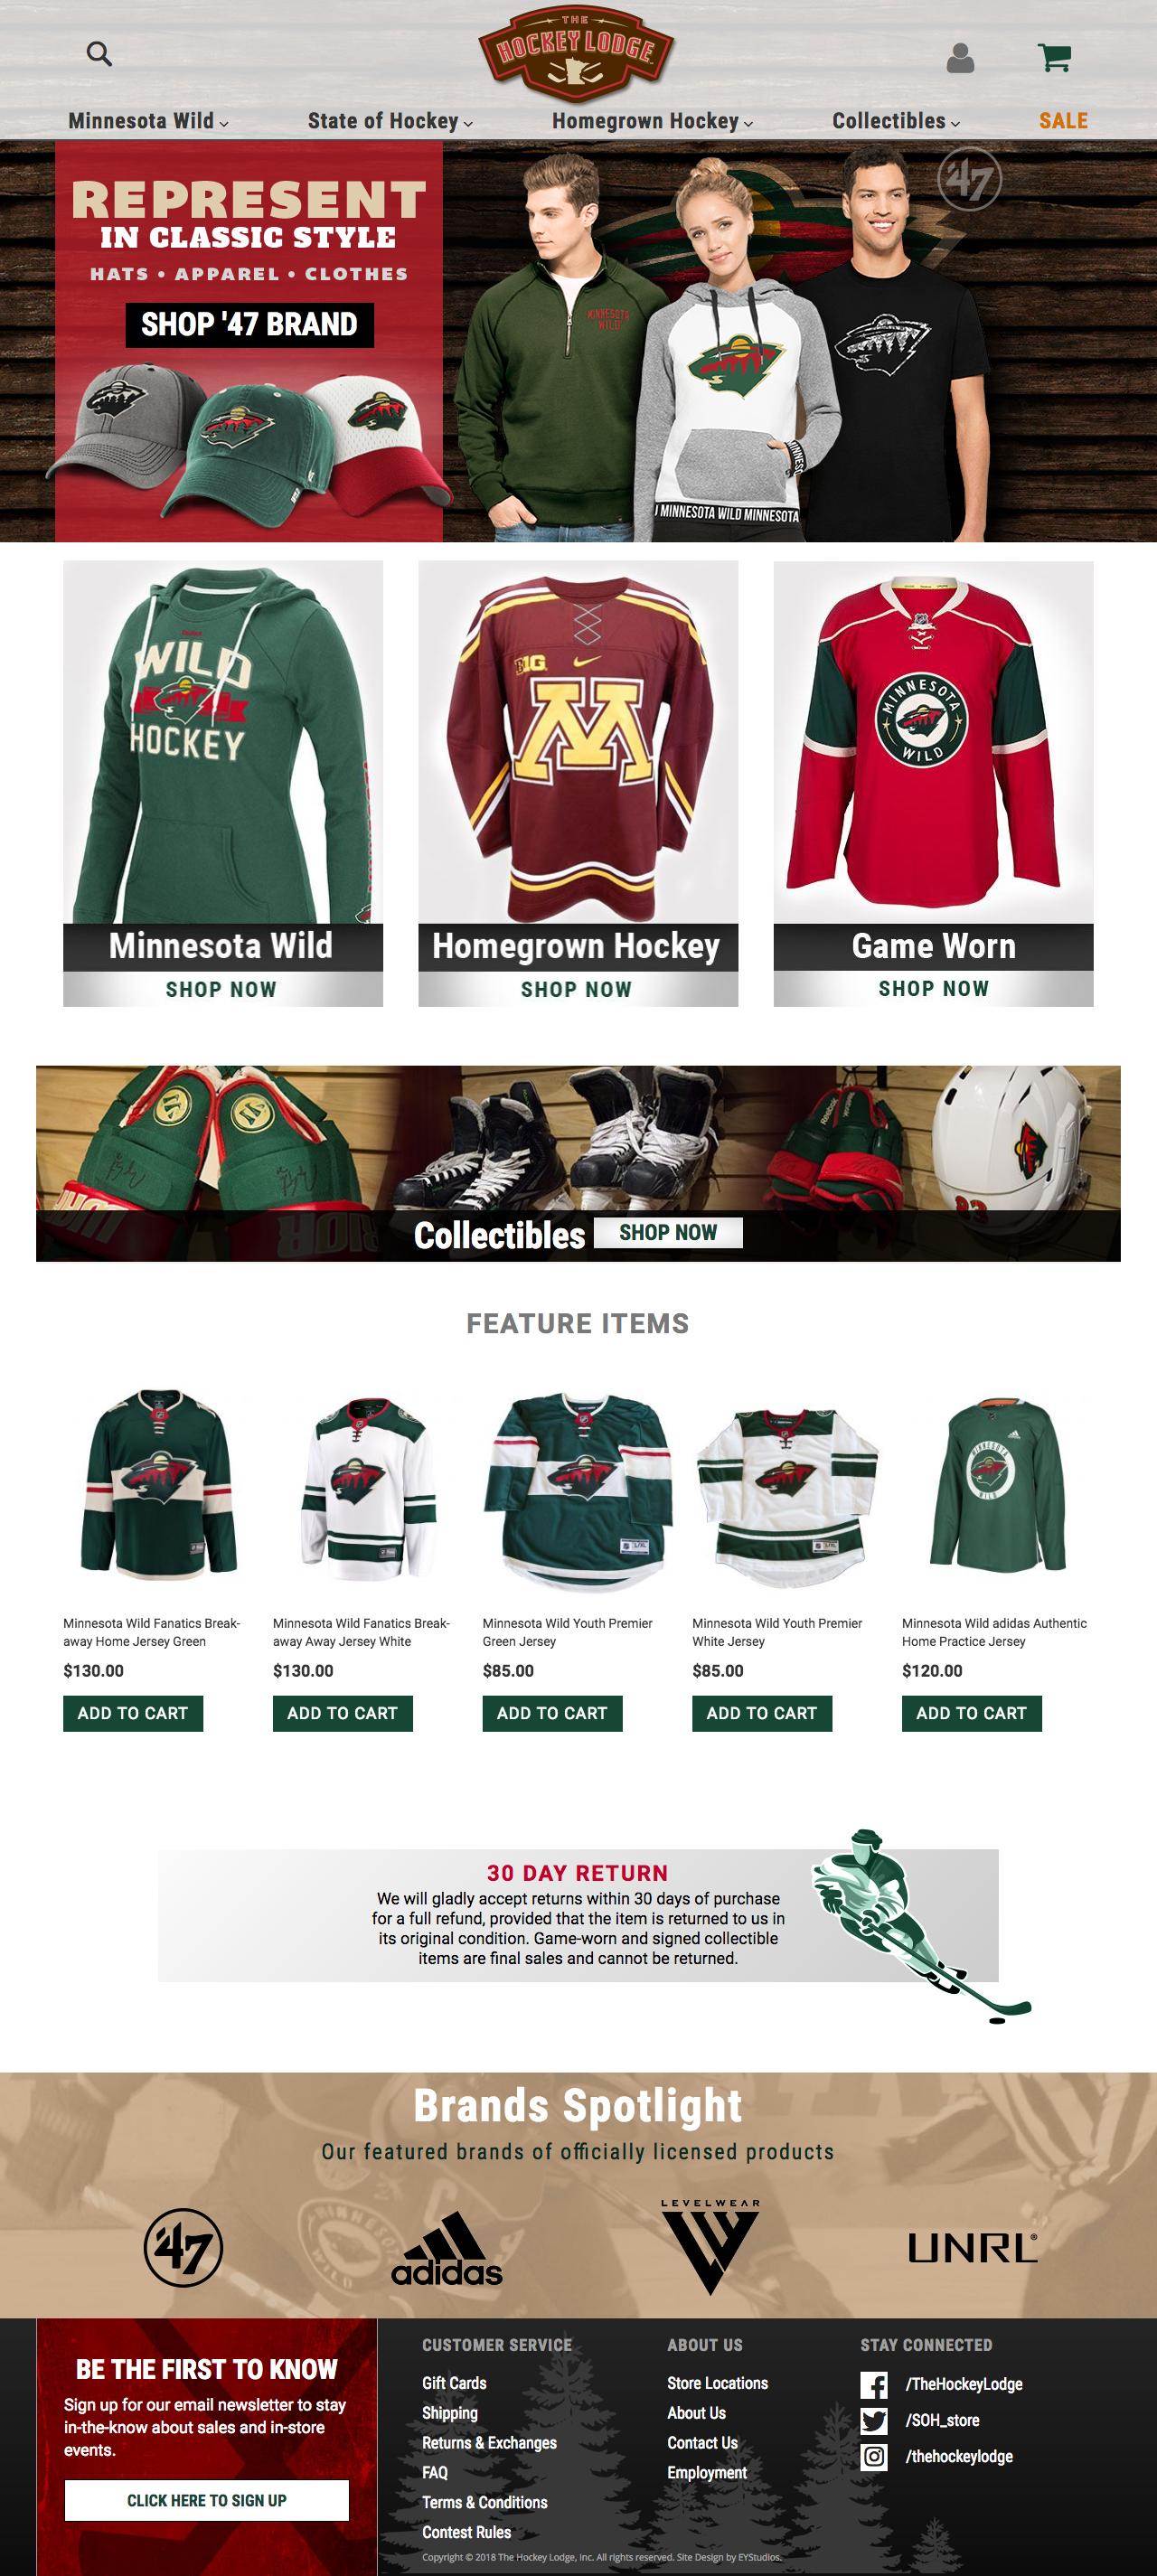 Minnesota Wild -  www.hockeylodge.com